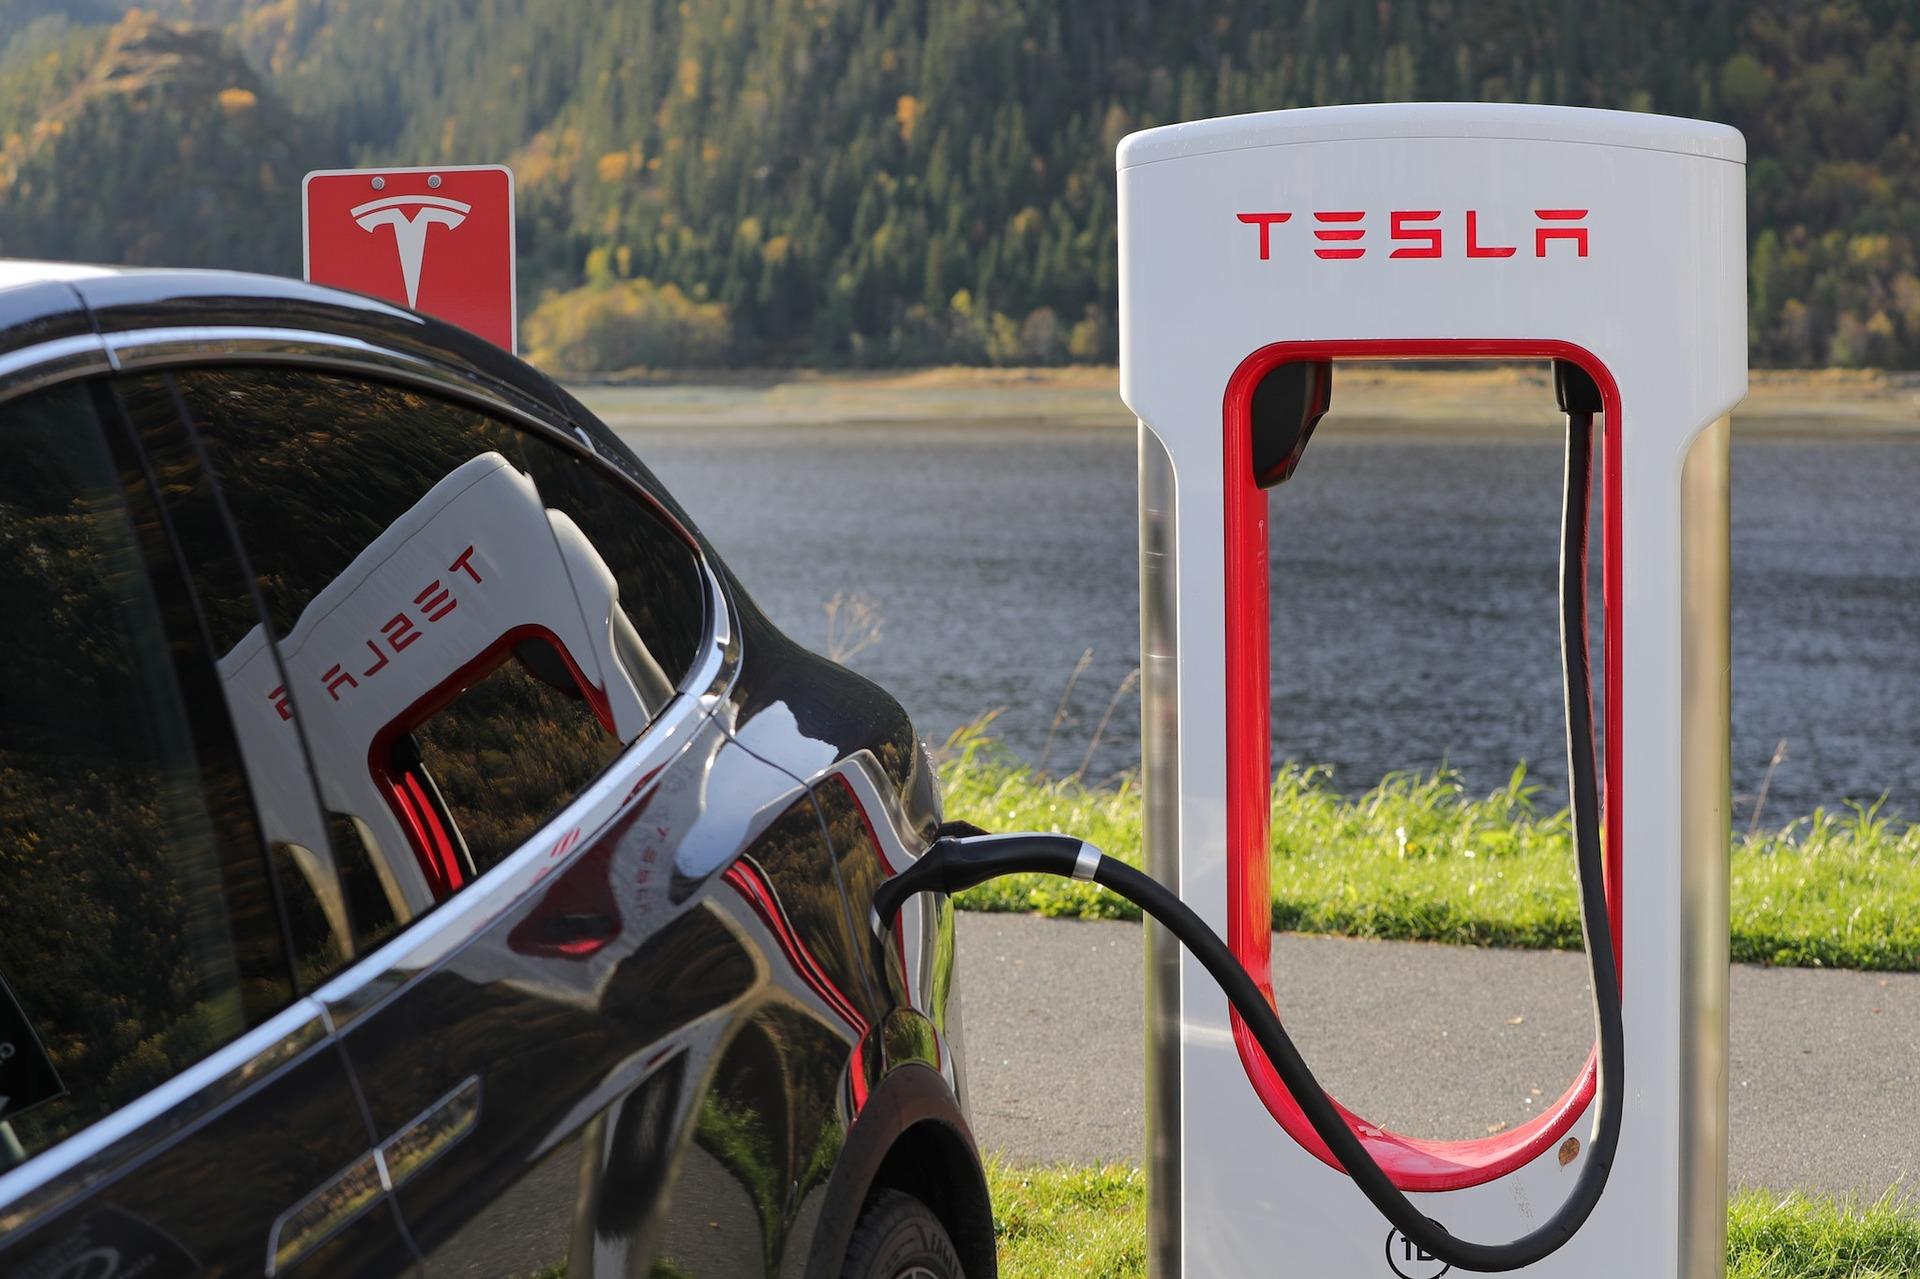 Obrázek: Tesla je jen kousek před krachem, dokáže ji Elon Musk znovu zachránit?